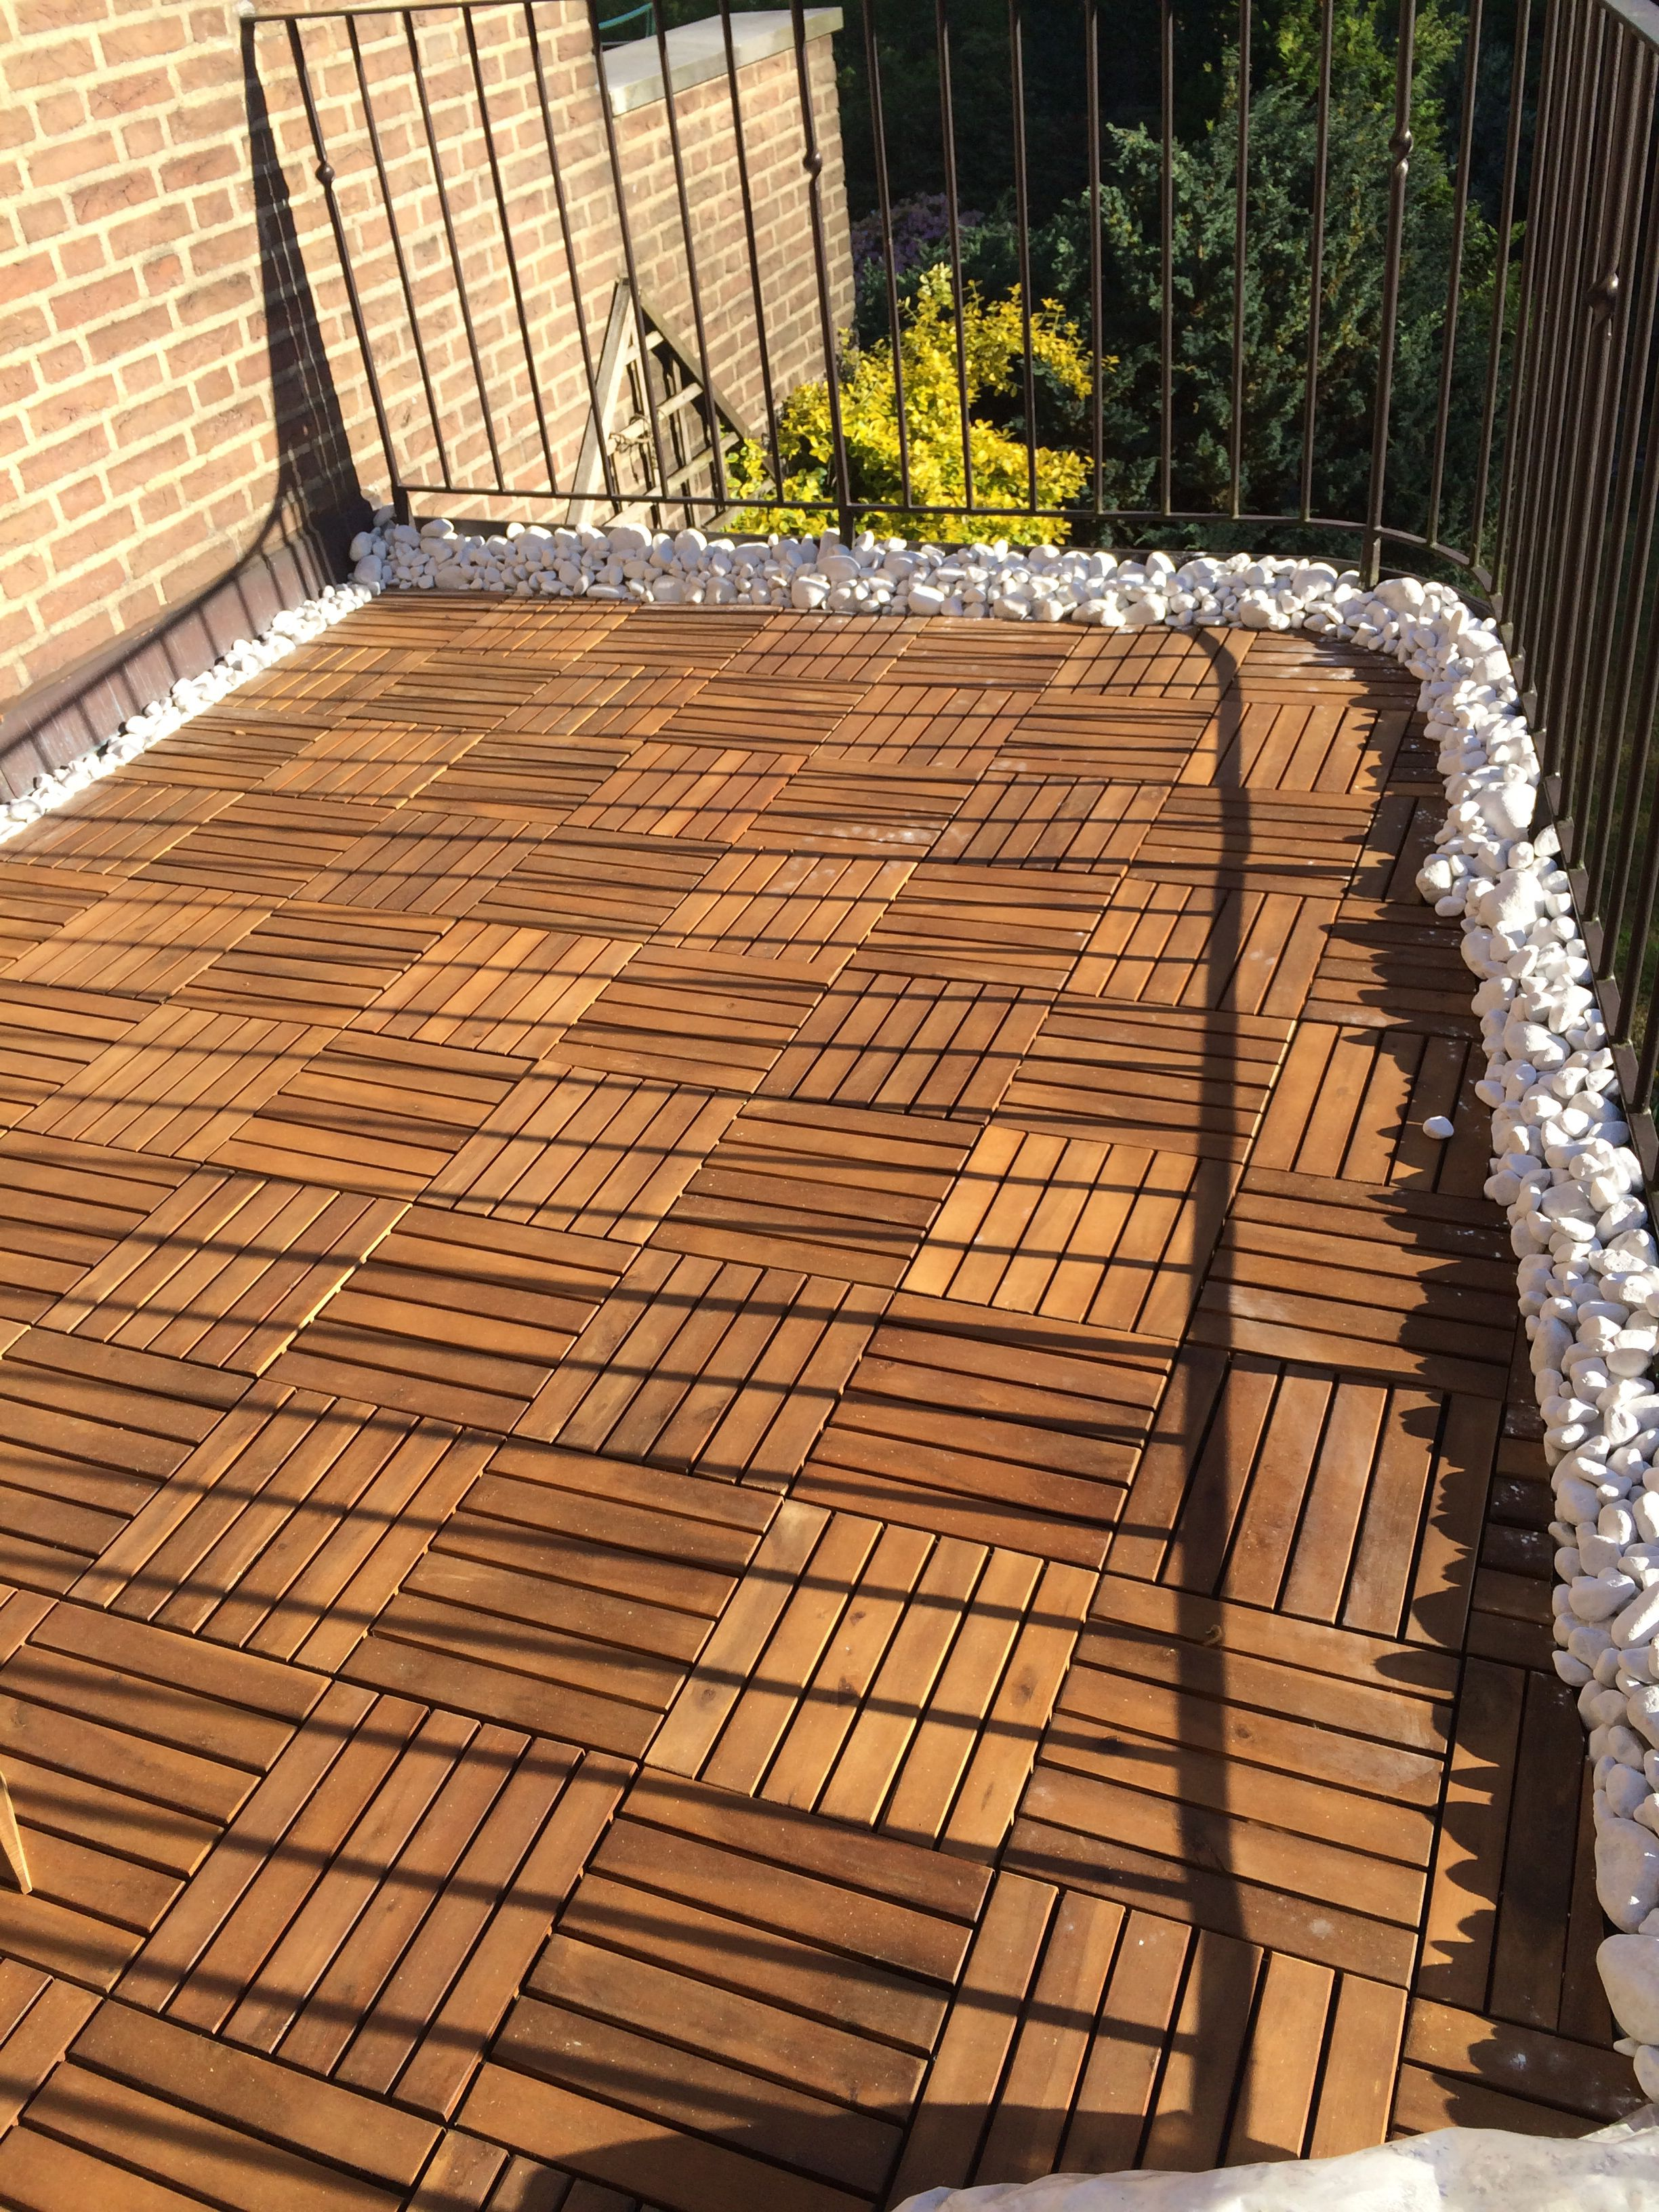 Holzfliesen Balkon und das ergebnis auf unserem balkon holzfliesen verlegen